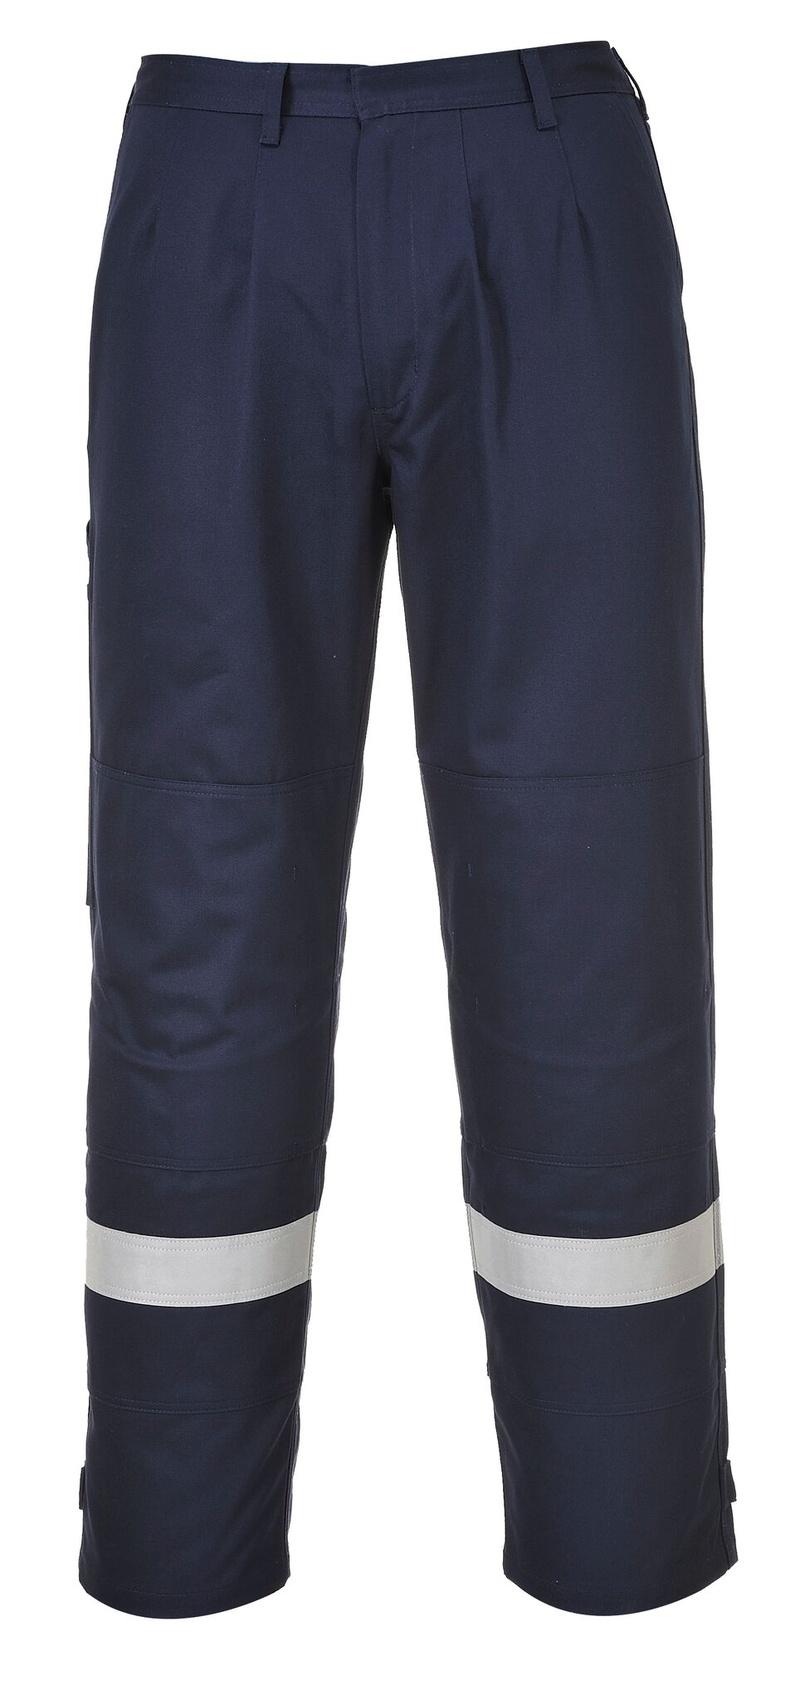 Kalhoty Bizflame Plus XS námořní modrá